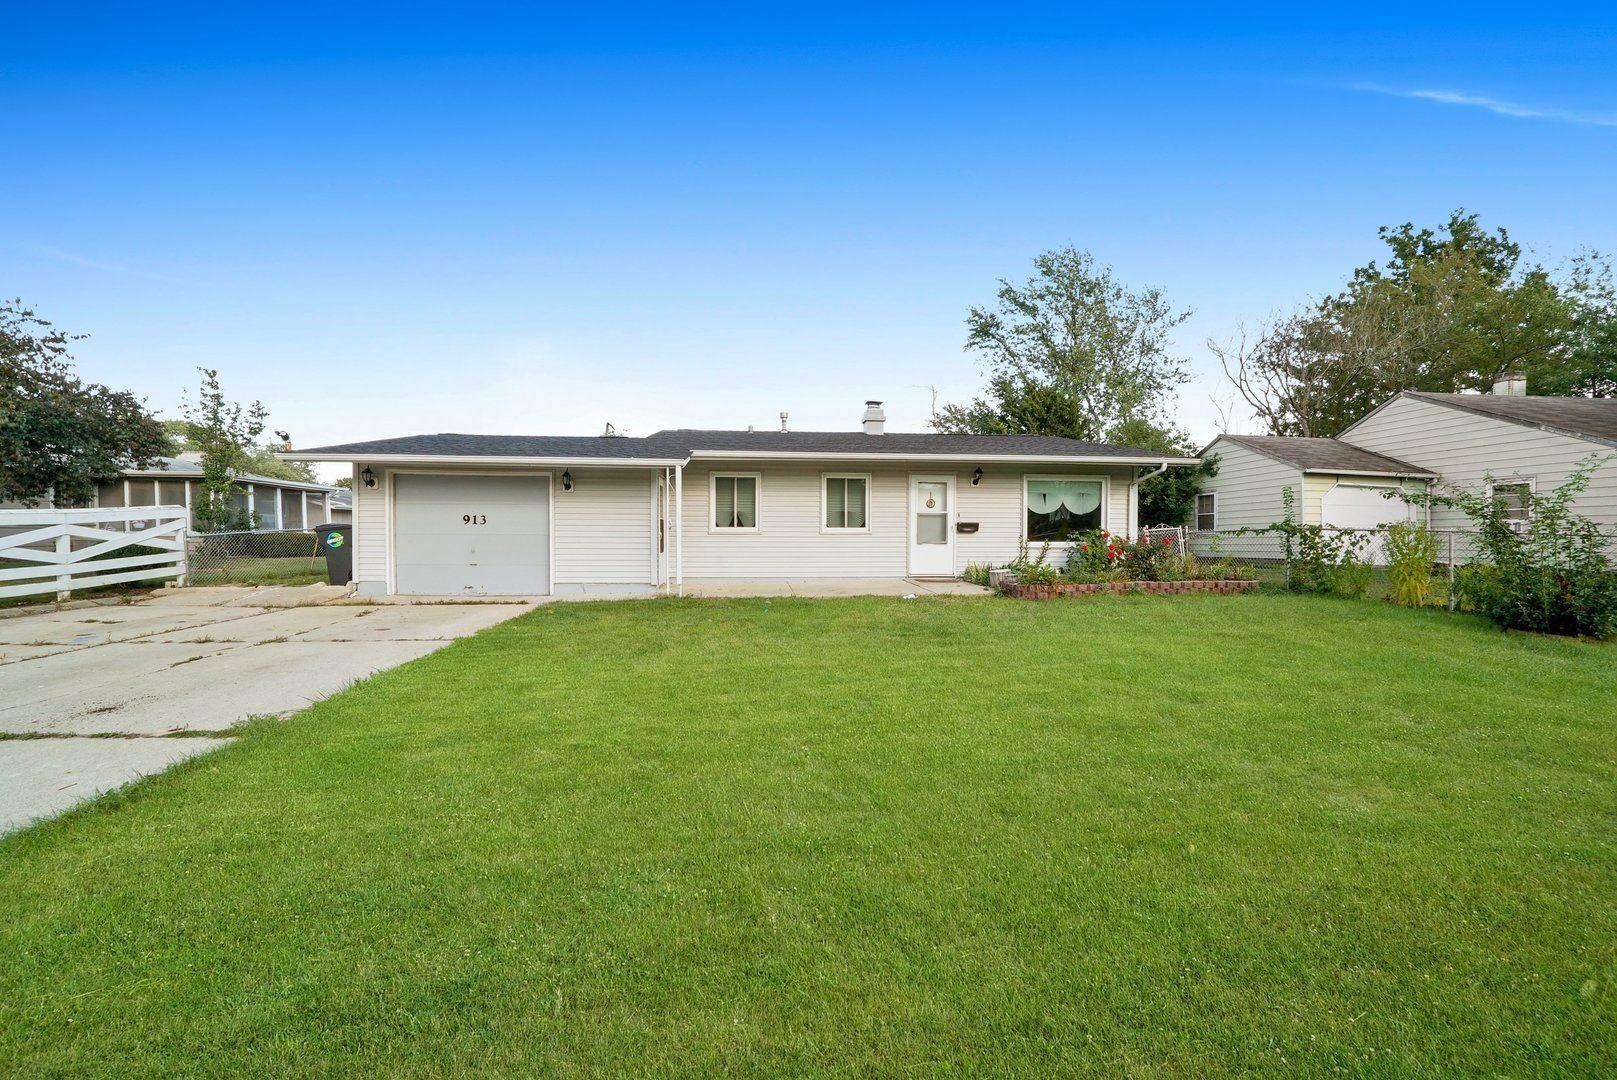 913 S Bartlett Road, Streamwood, IL 60107 - #: 11230921